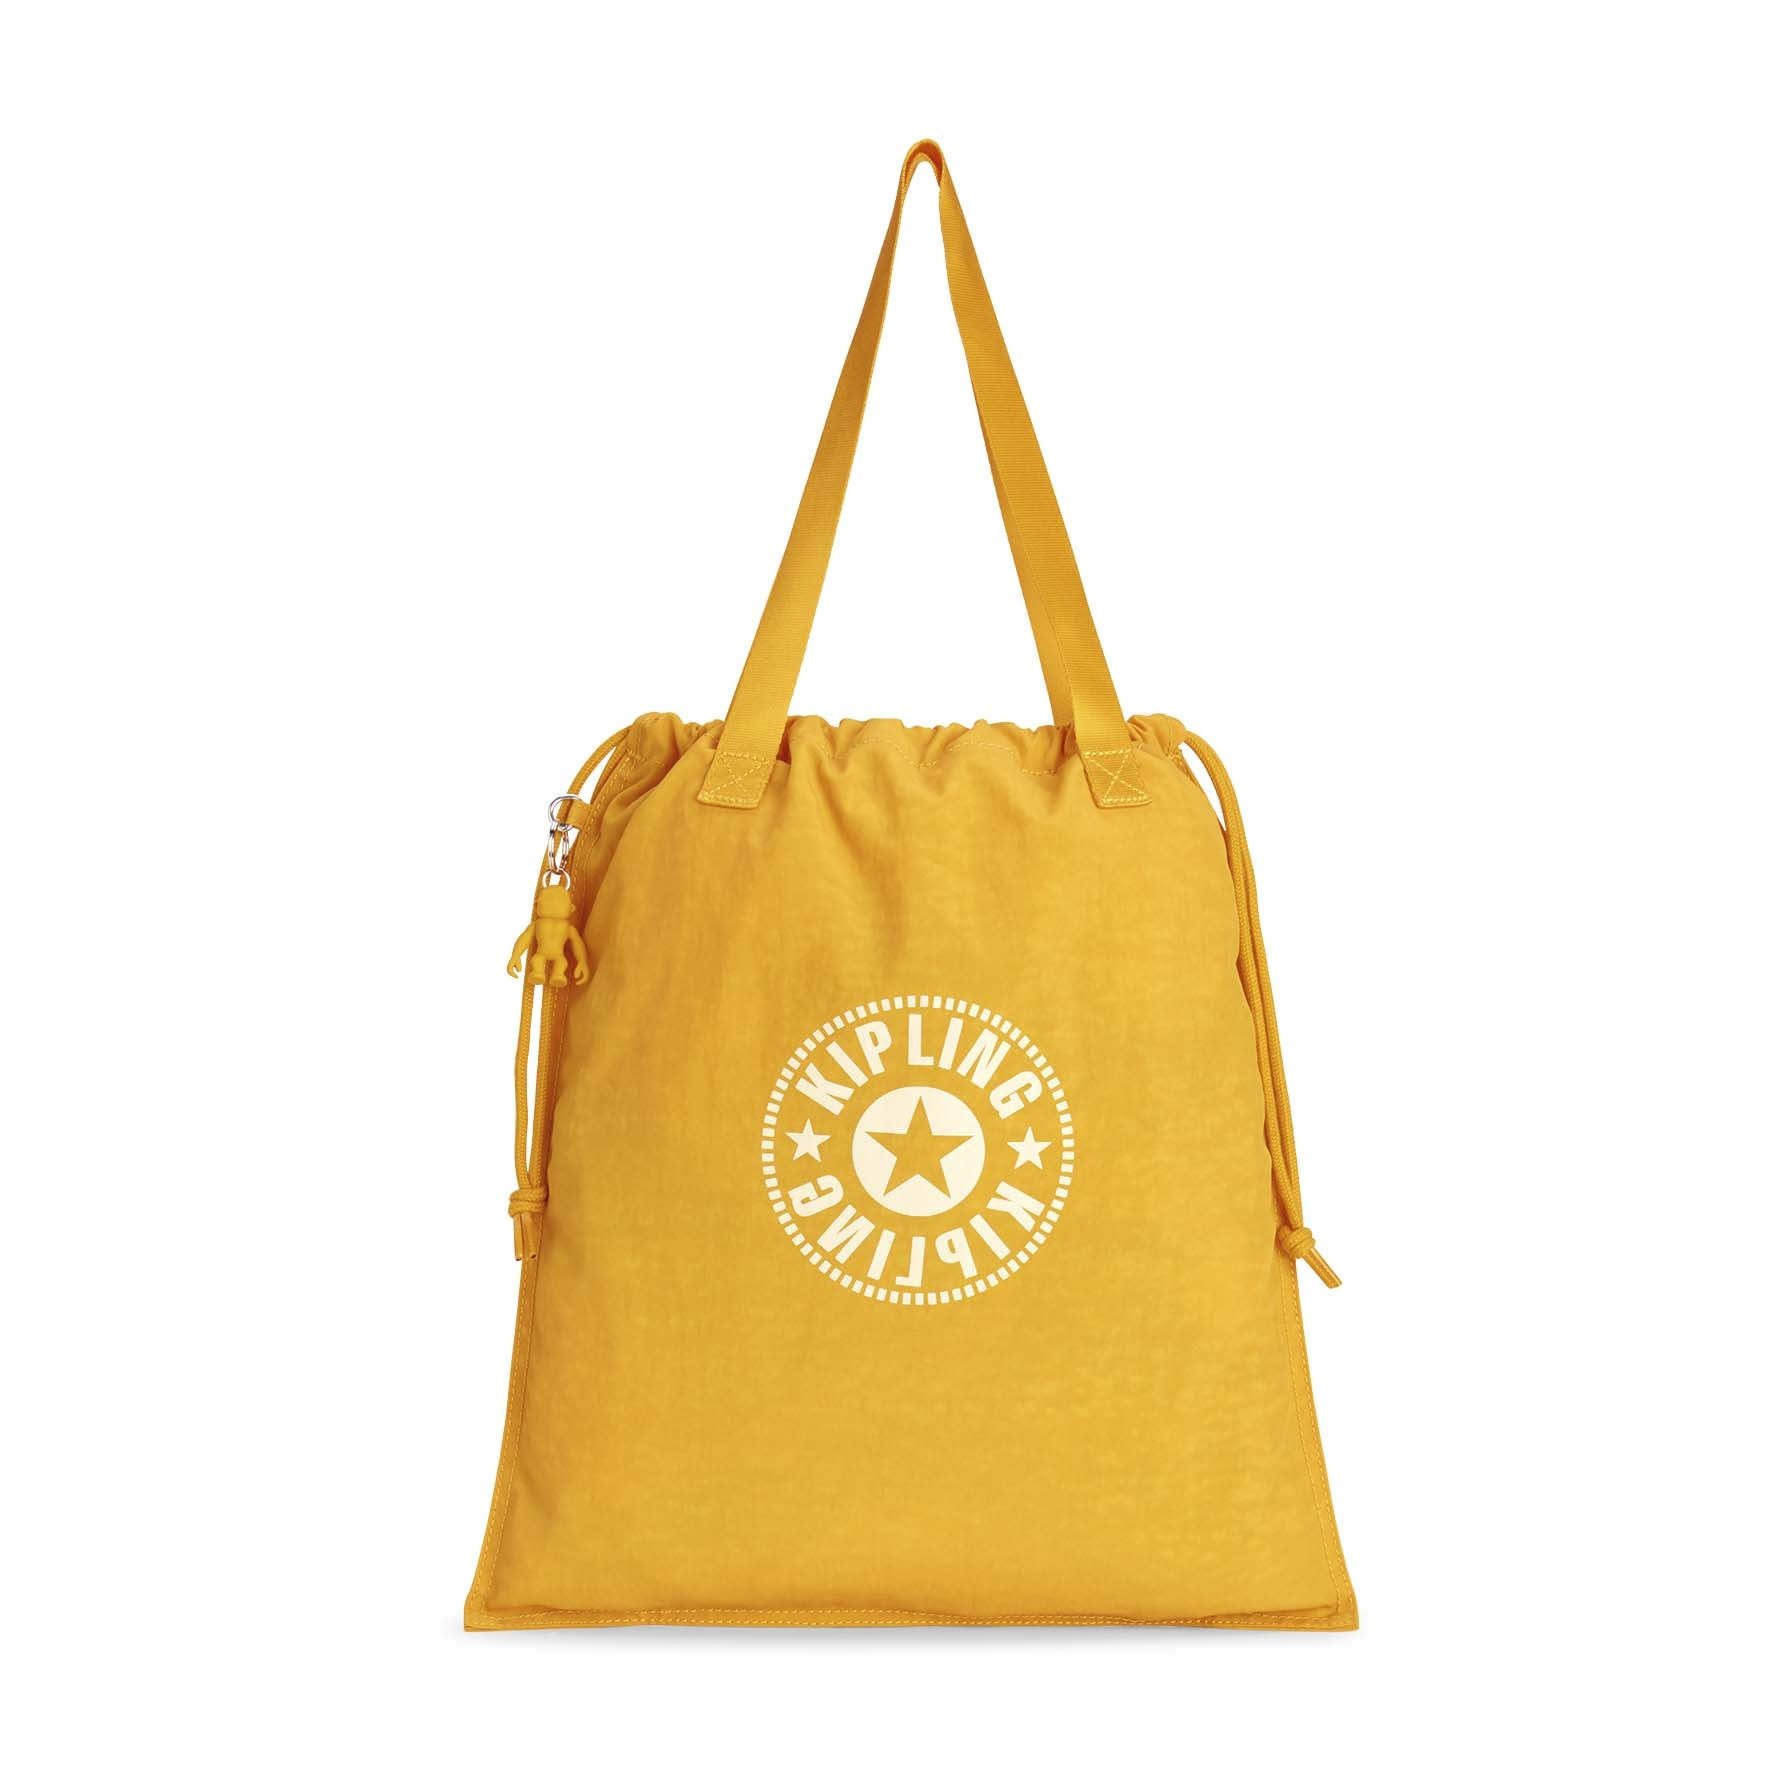 תיק שק New Hiphurray - Lively Yellow צהוב תוסס